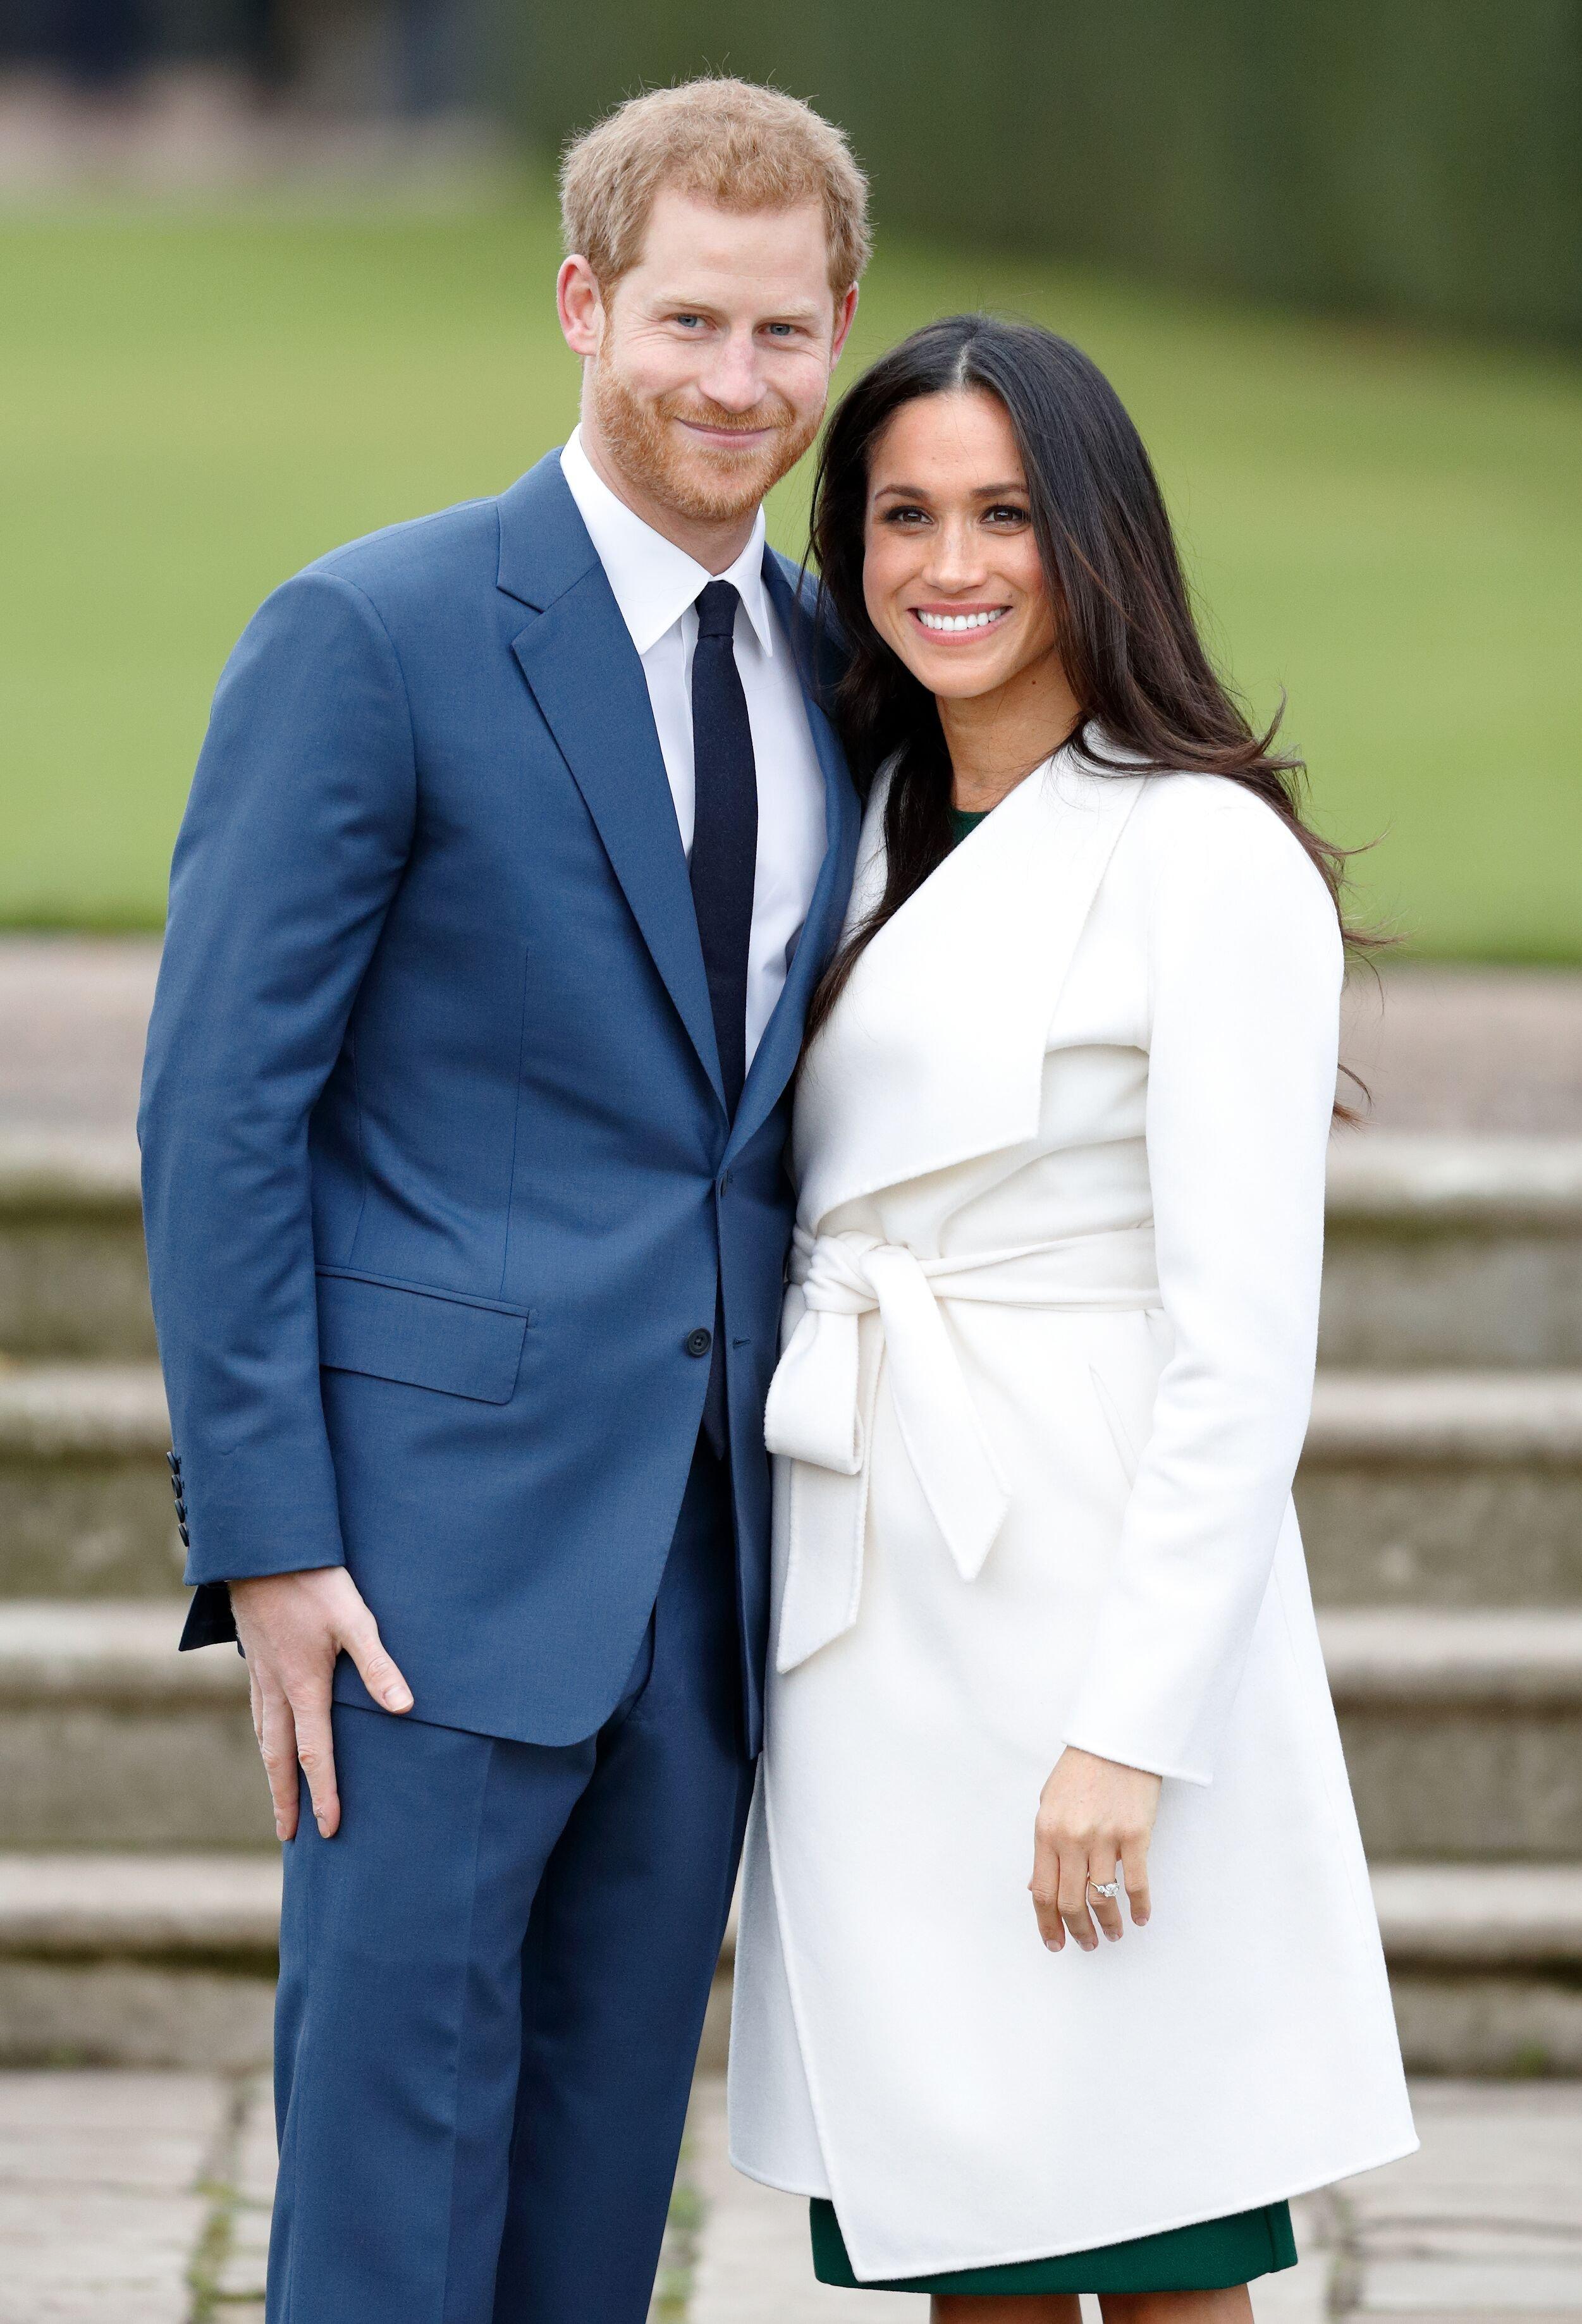 Le prince Harry et Meghan Markle assistent à un appel photo officiel pour annoncer leurs fiançailles au Sunken Gardens, Kensington Palace le 27 novembre 2017 à Londres, Angleterre   Photo : Getty Images